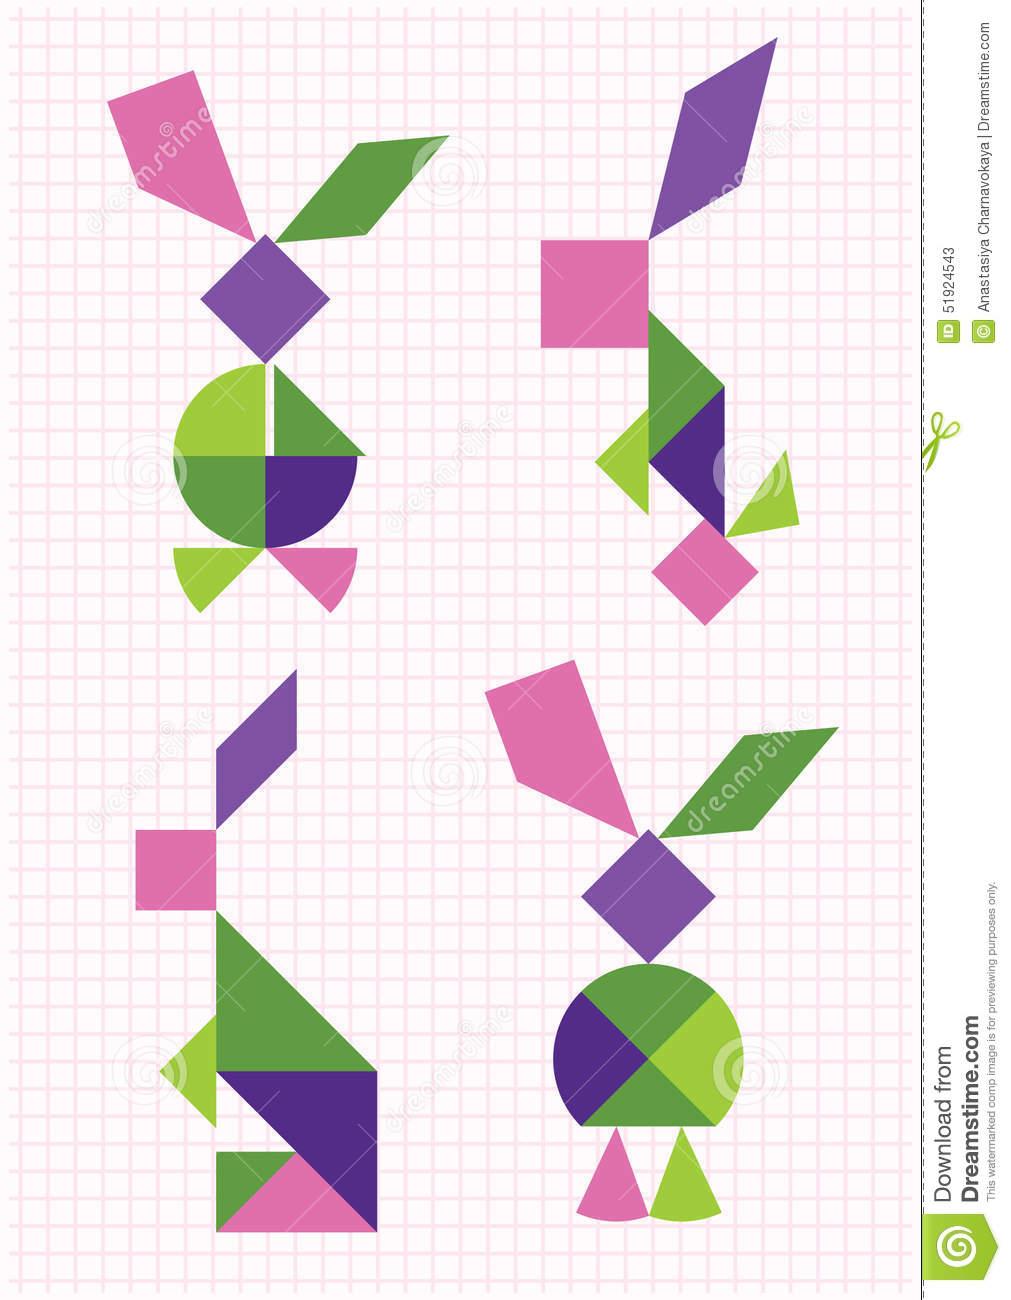 Tangram De Lièvres Et De Lapins Illustration De Vecteur concernant Tangram Lapin